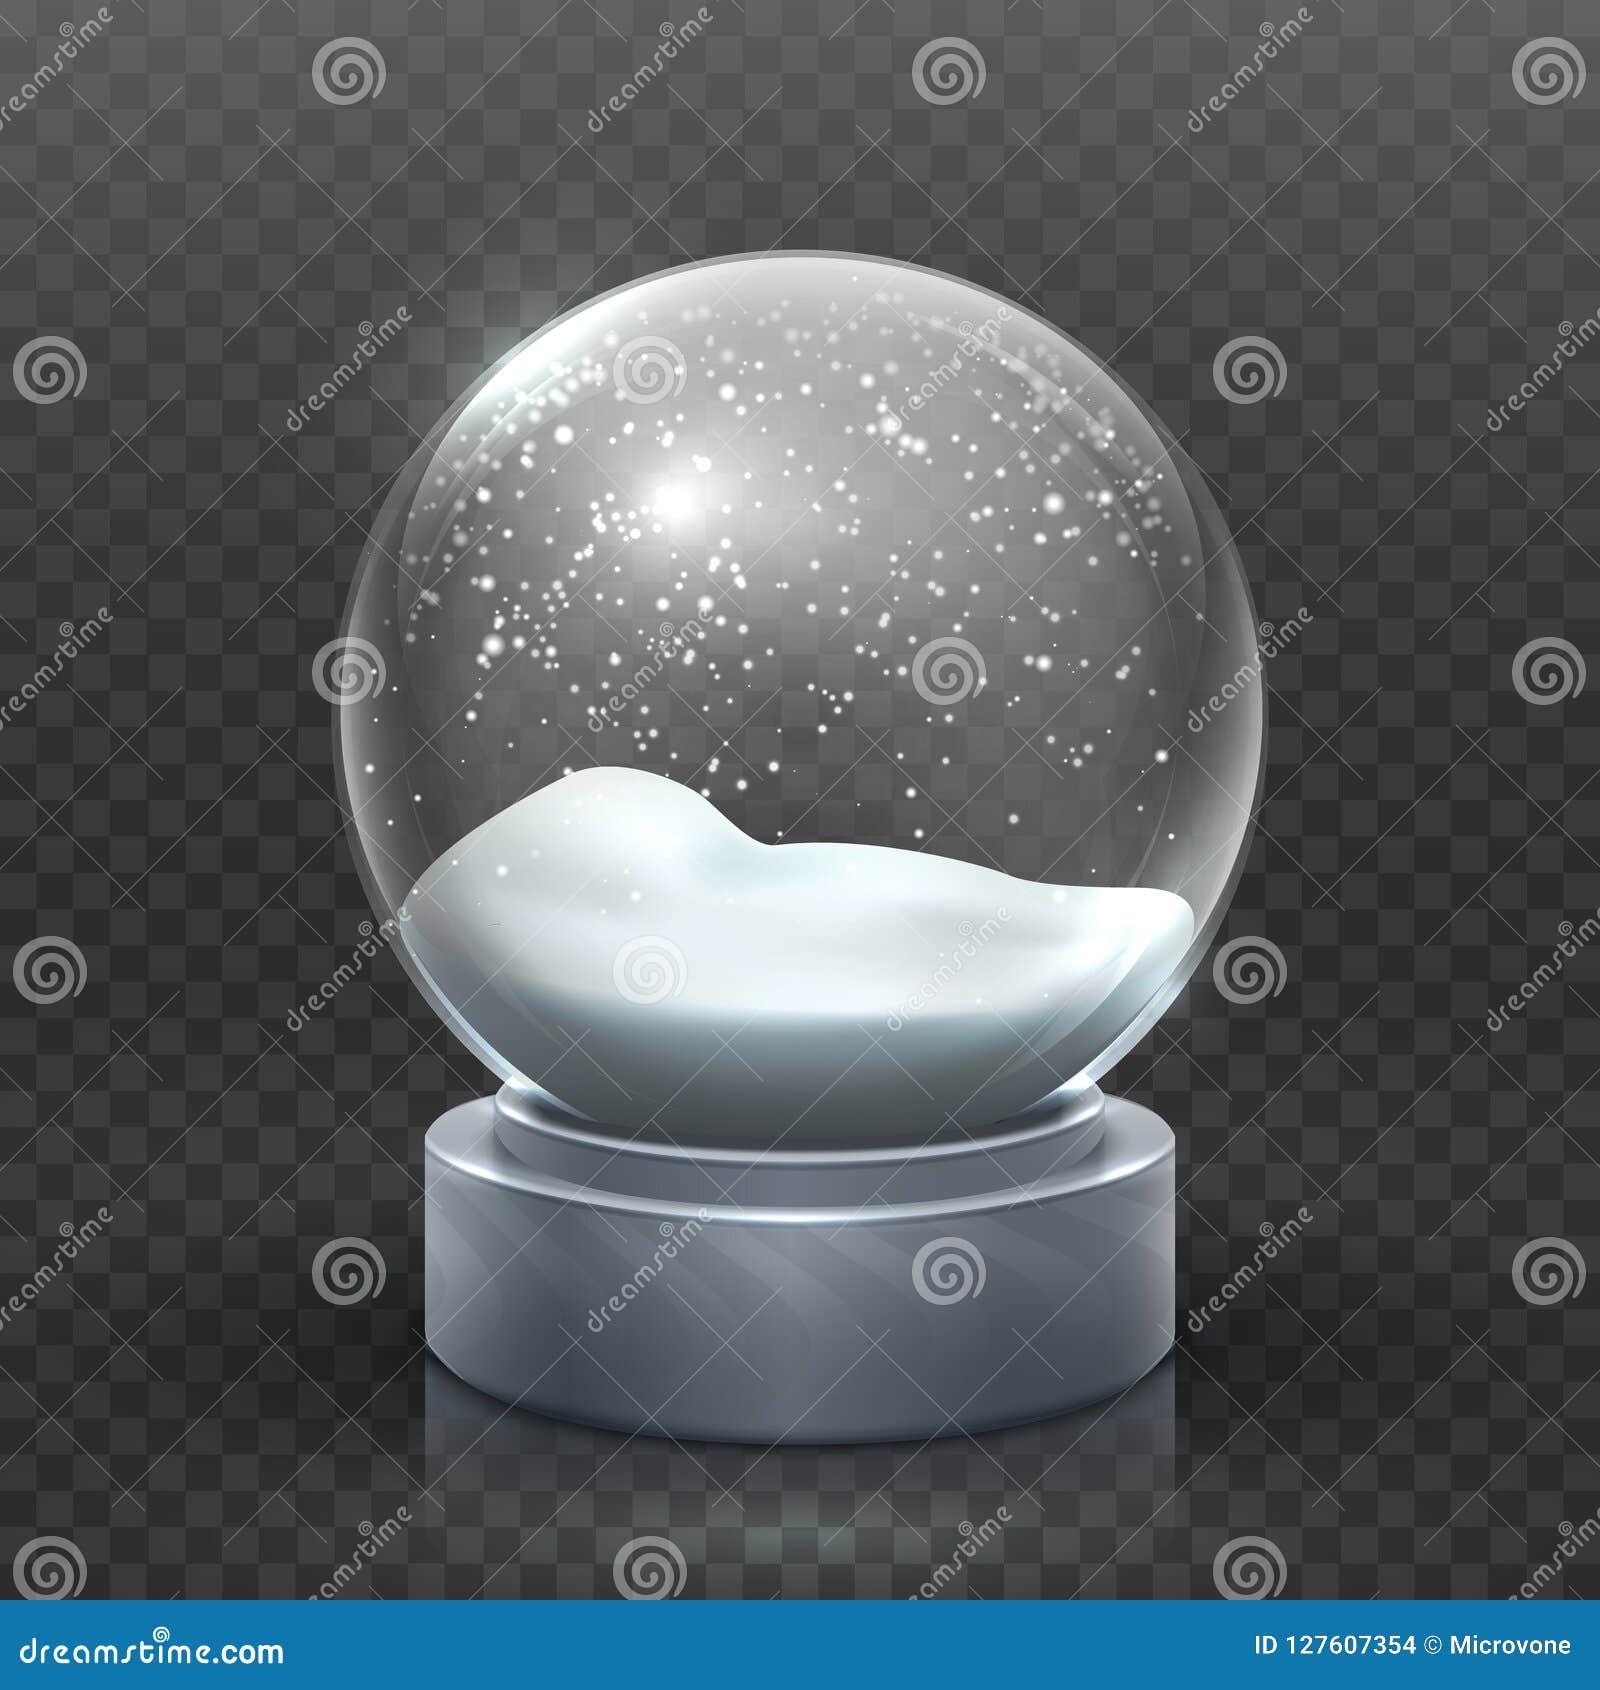 De bol van de sneeuw Kerstmisvakantie snowglobe, de lege sneeuwbal van glaskerstmis Sneeuw magisch bal vectormalplaatje